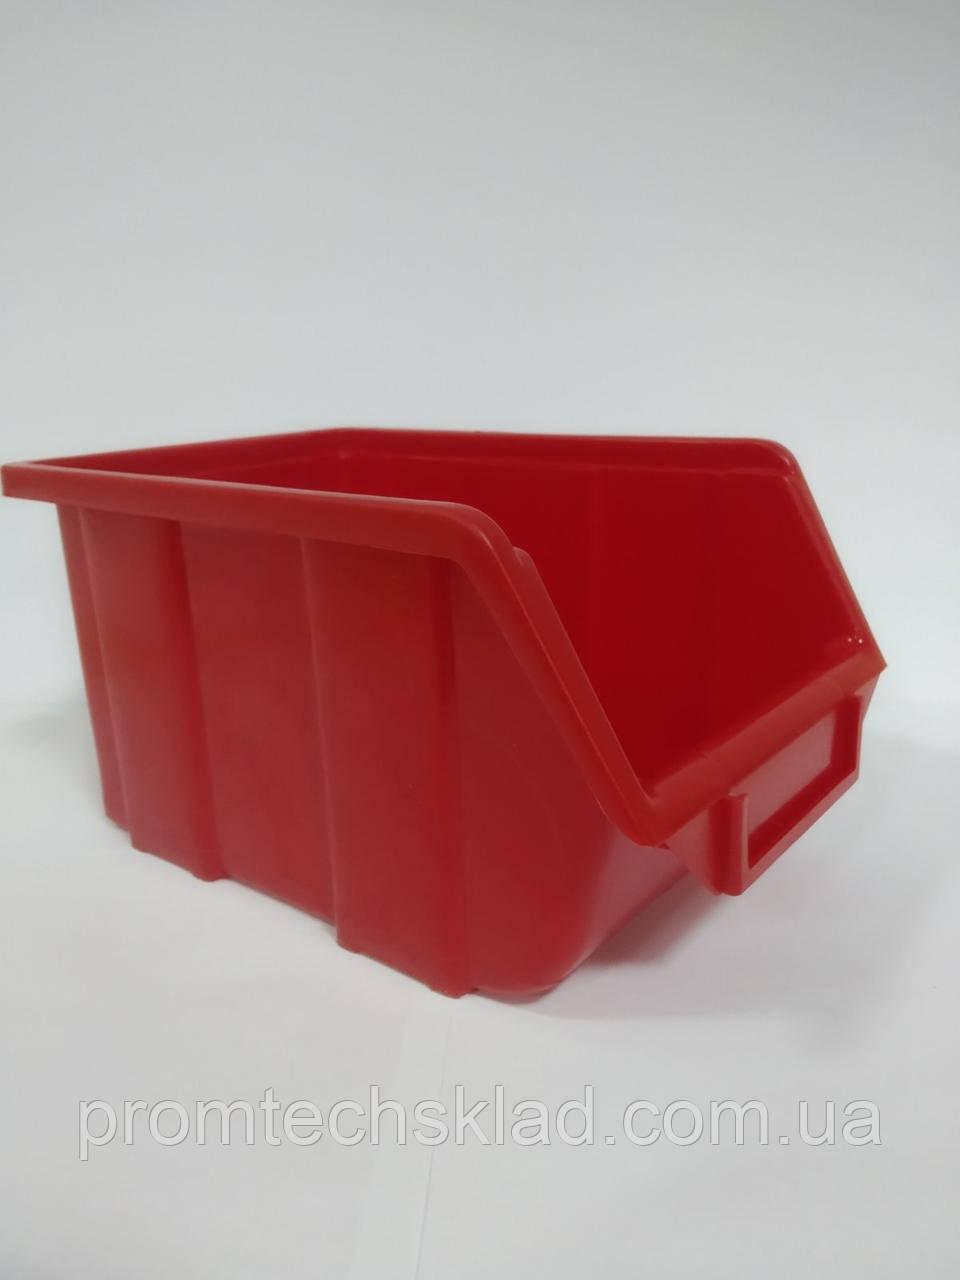 Ящик 701 для метизів червоний ЛТ 245х160х125 мм